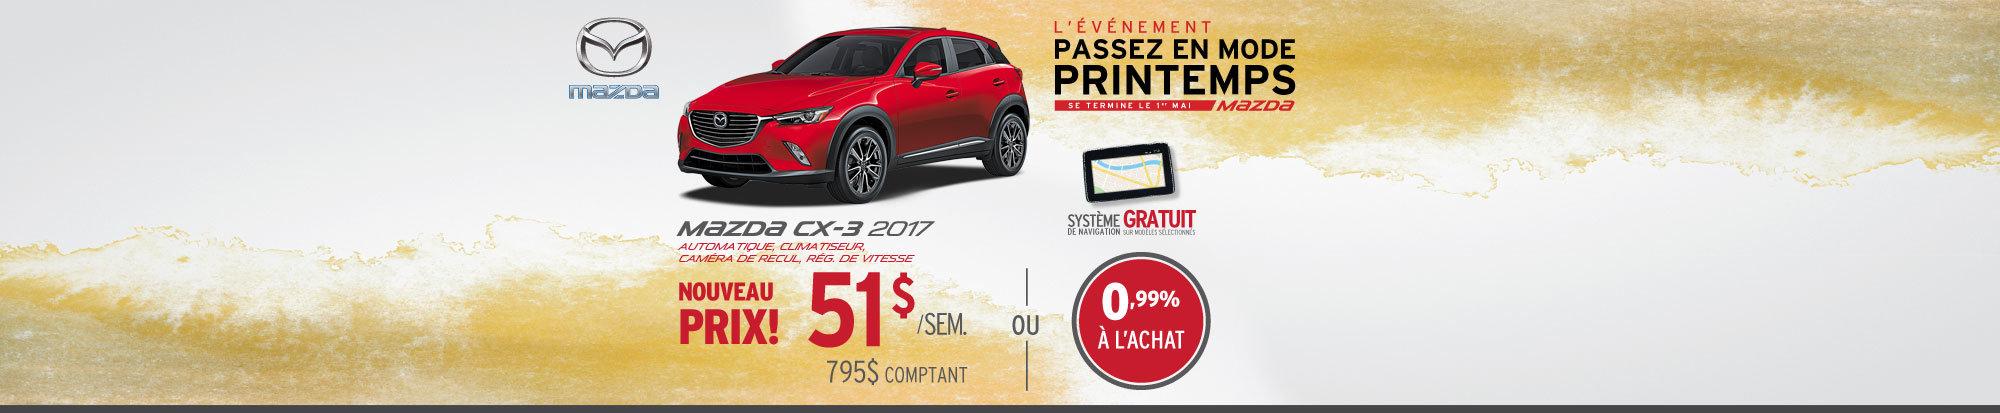 Location Mazda CX-3 2017